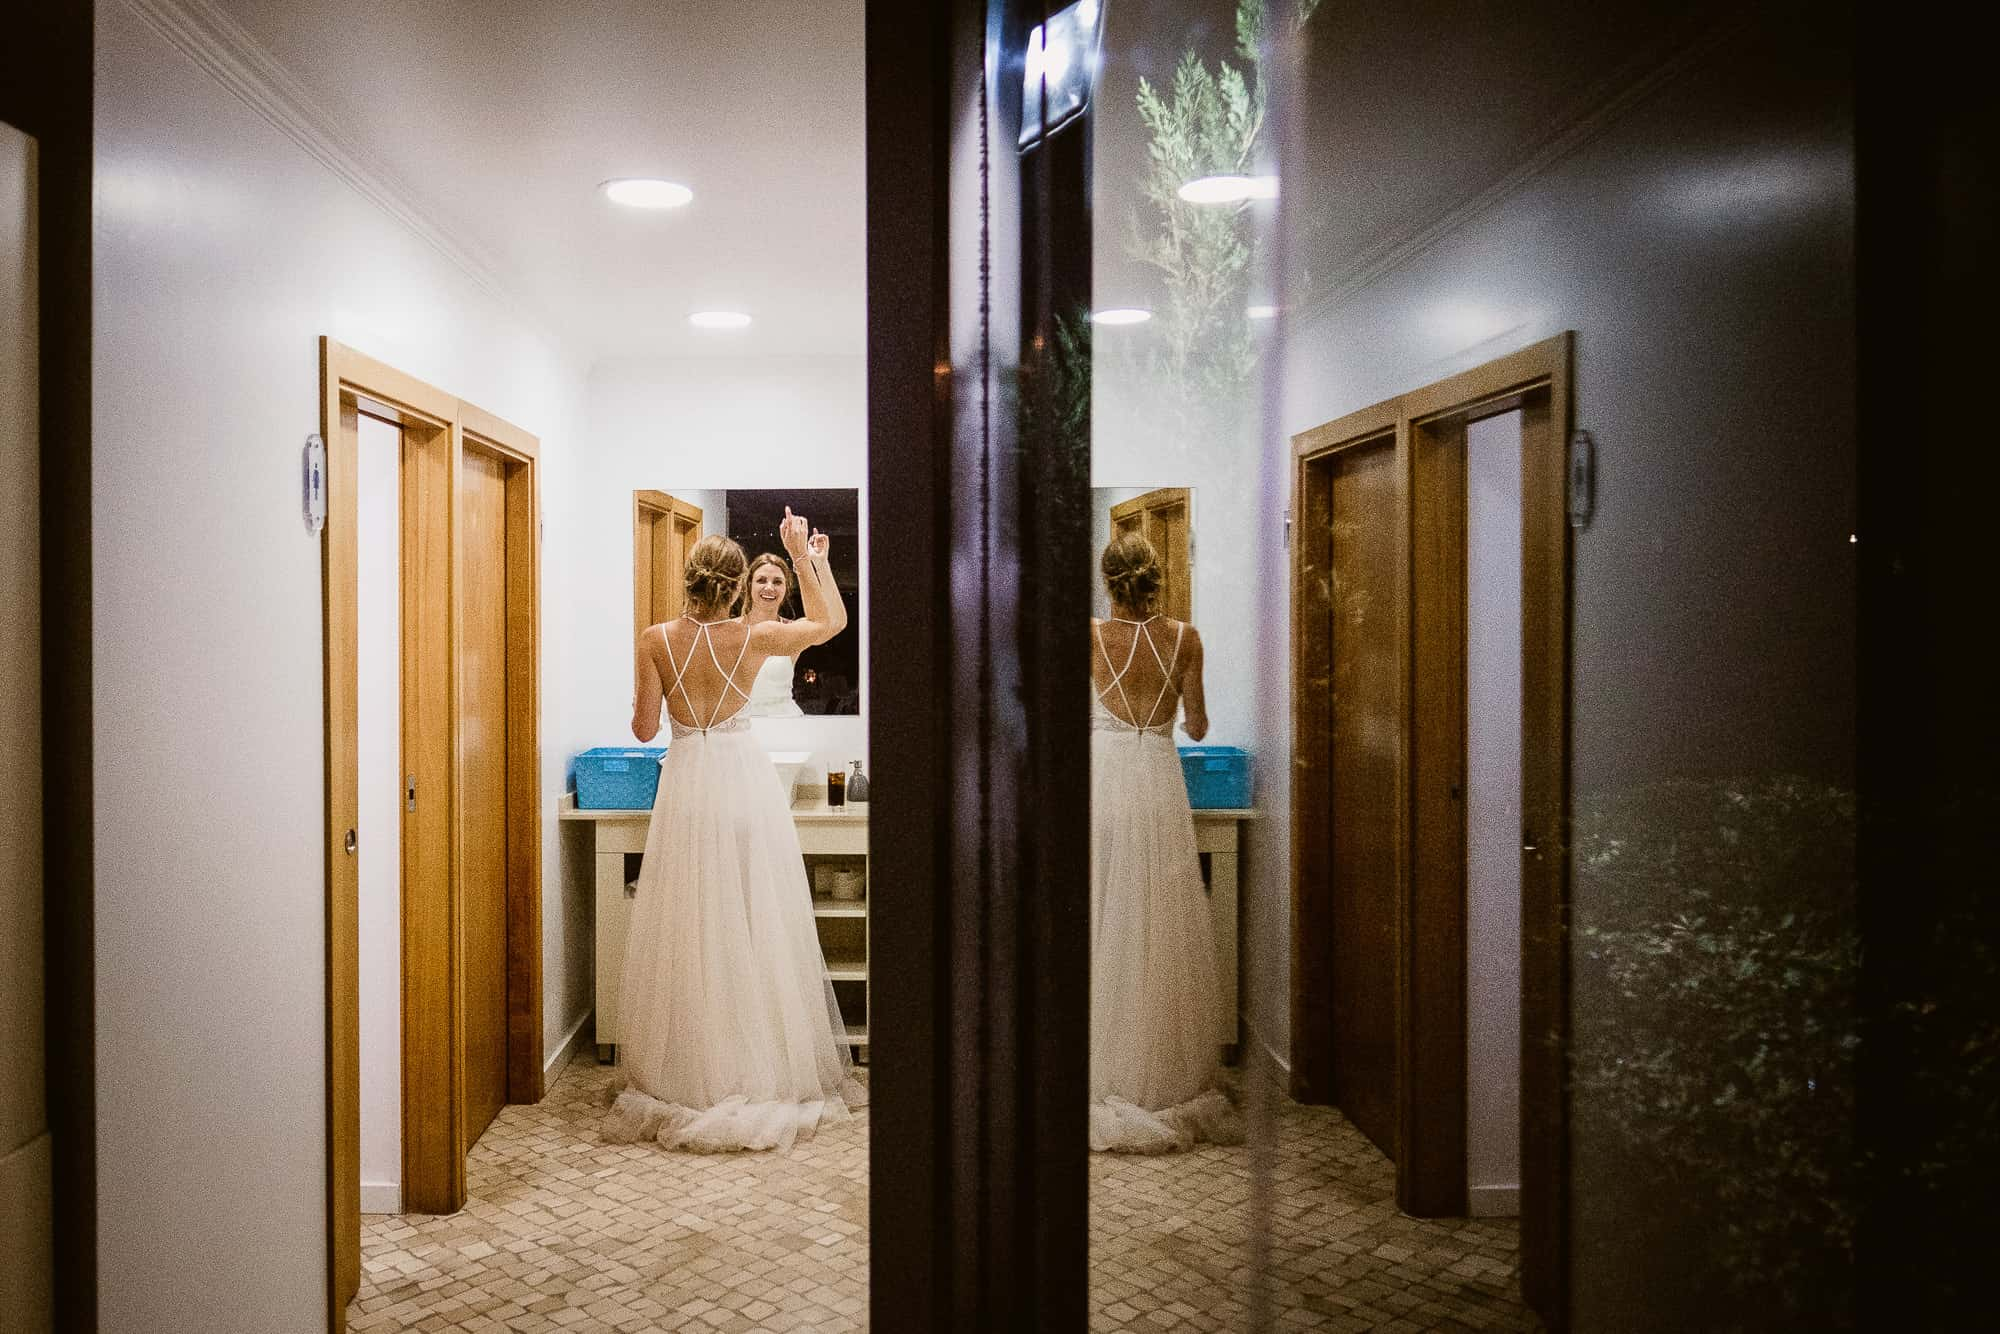 algarve-wedding-photographer-matt-tyler-0089